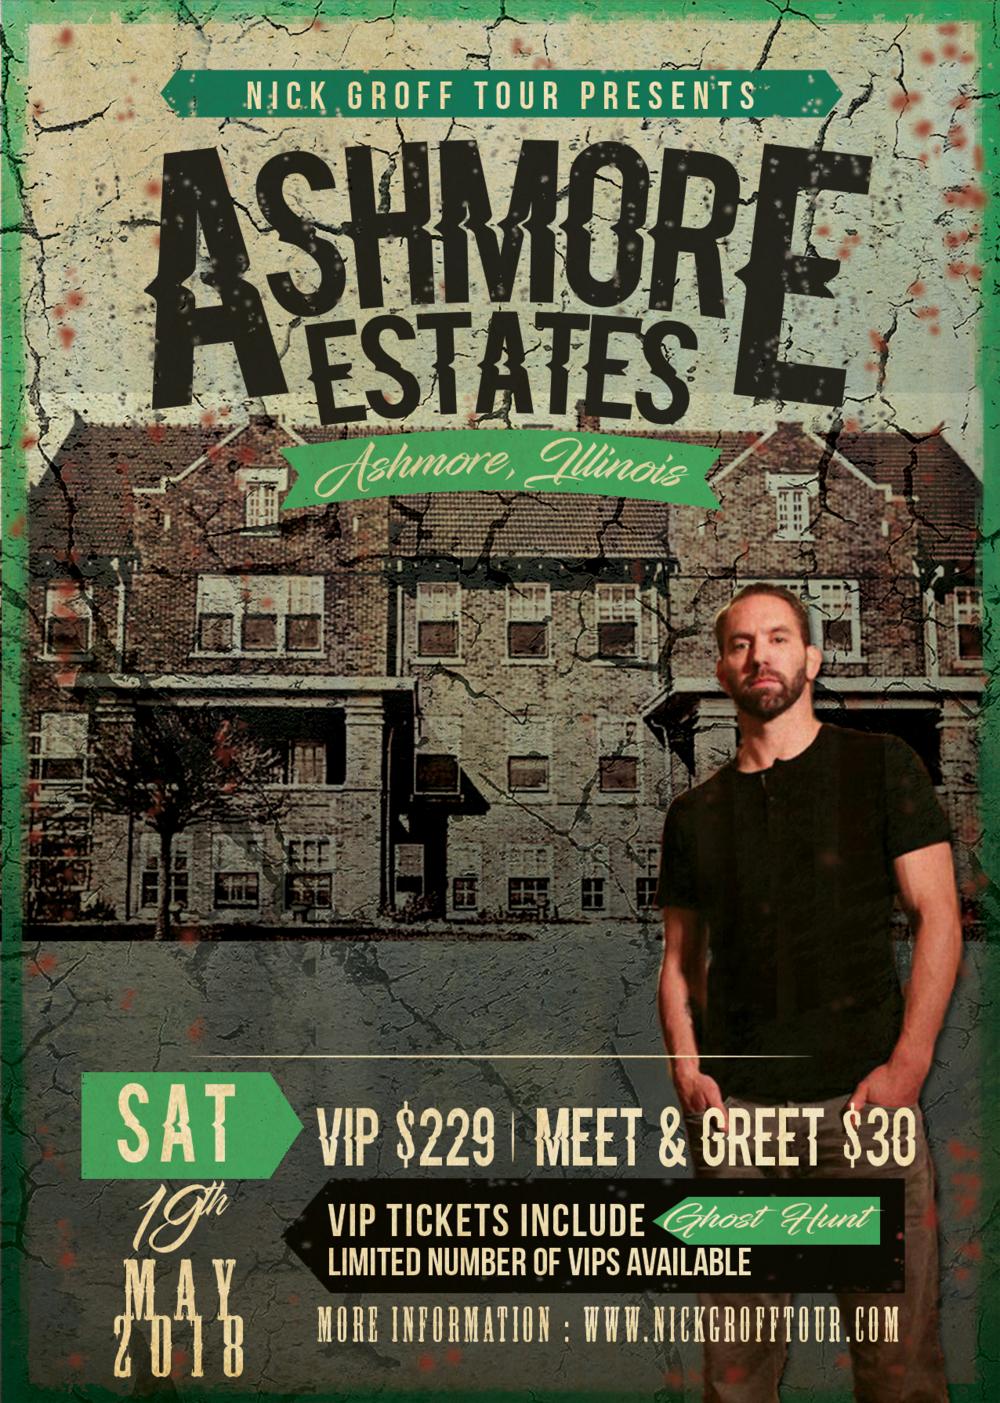 Ashmore Estates Nick Groff Tour